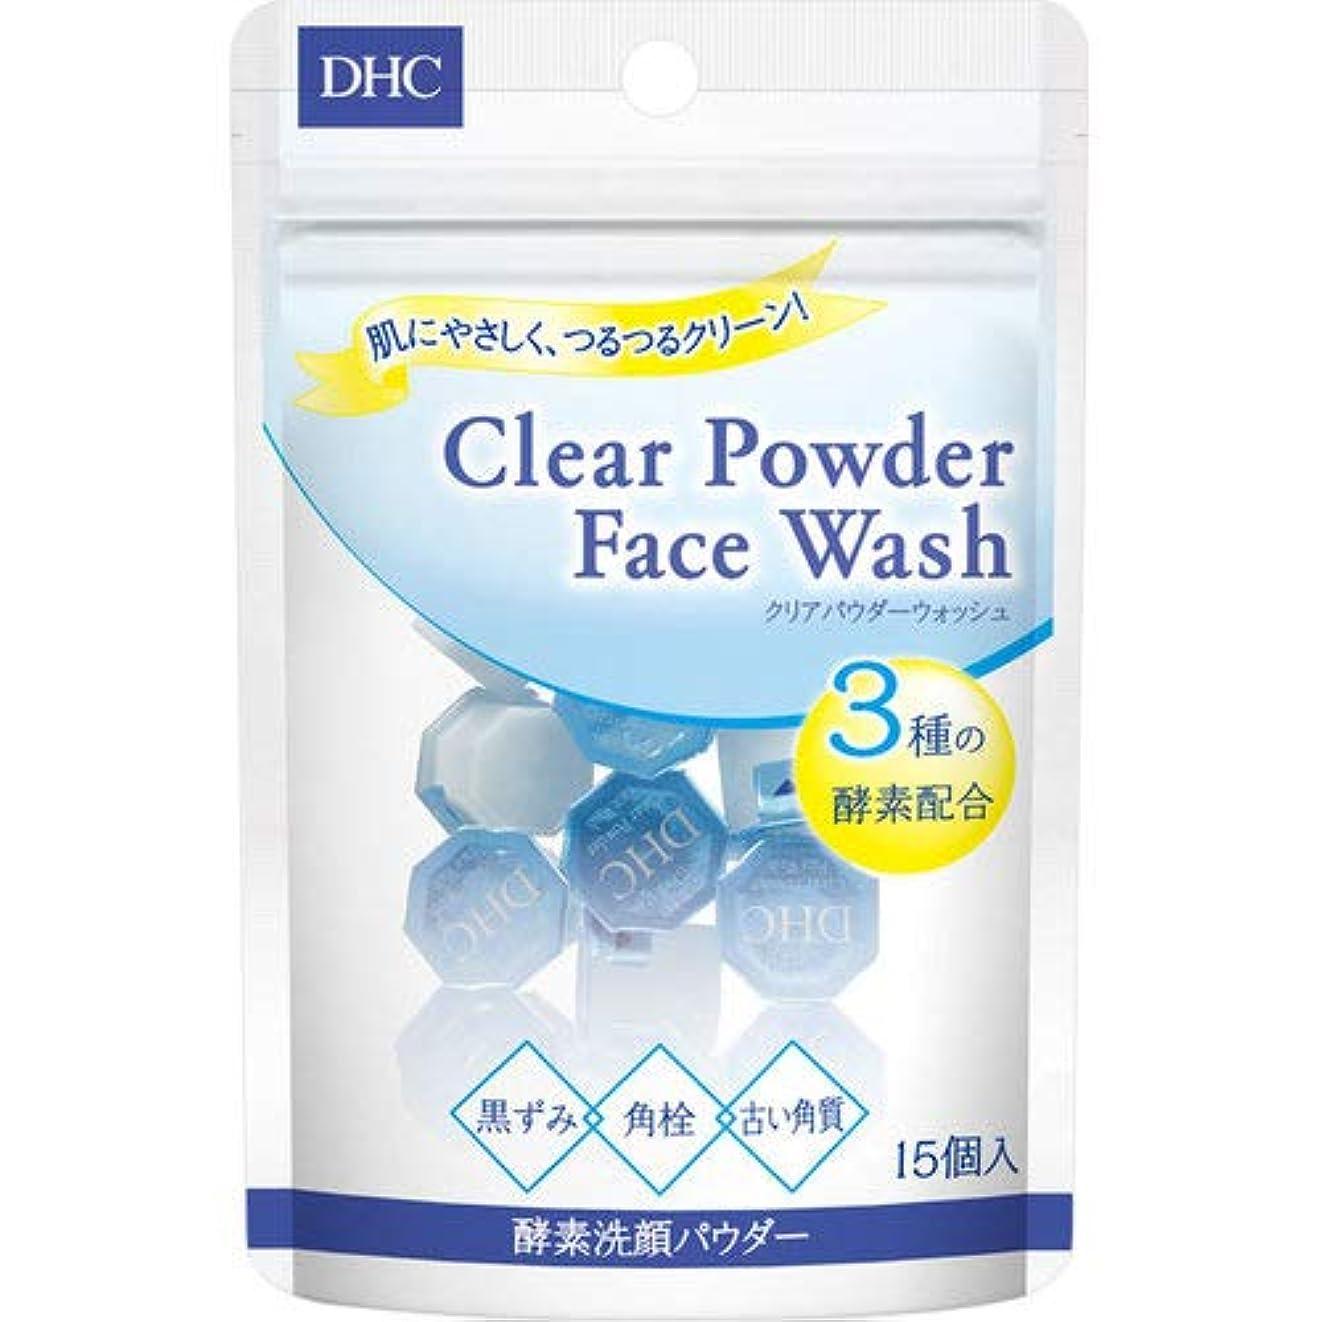 類推そう鼓舞するDHC クリアパウダーウォッシュ 0.4g×15個入 酵素洗顔パウダー